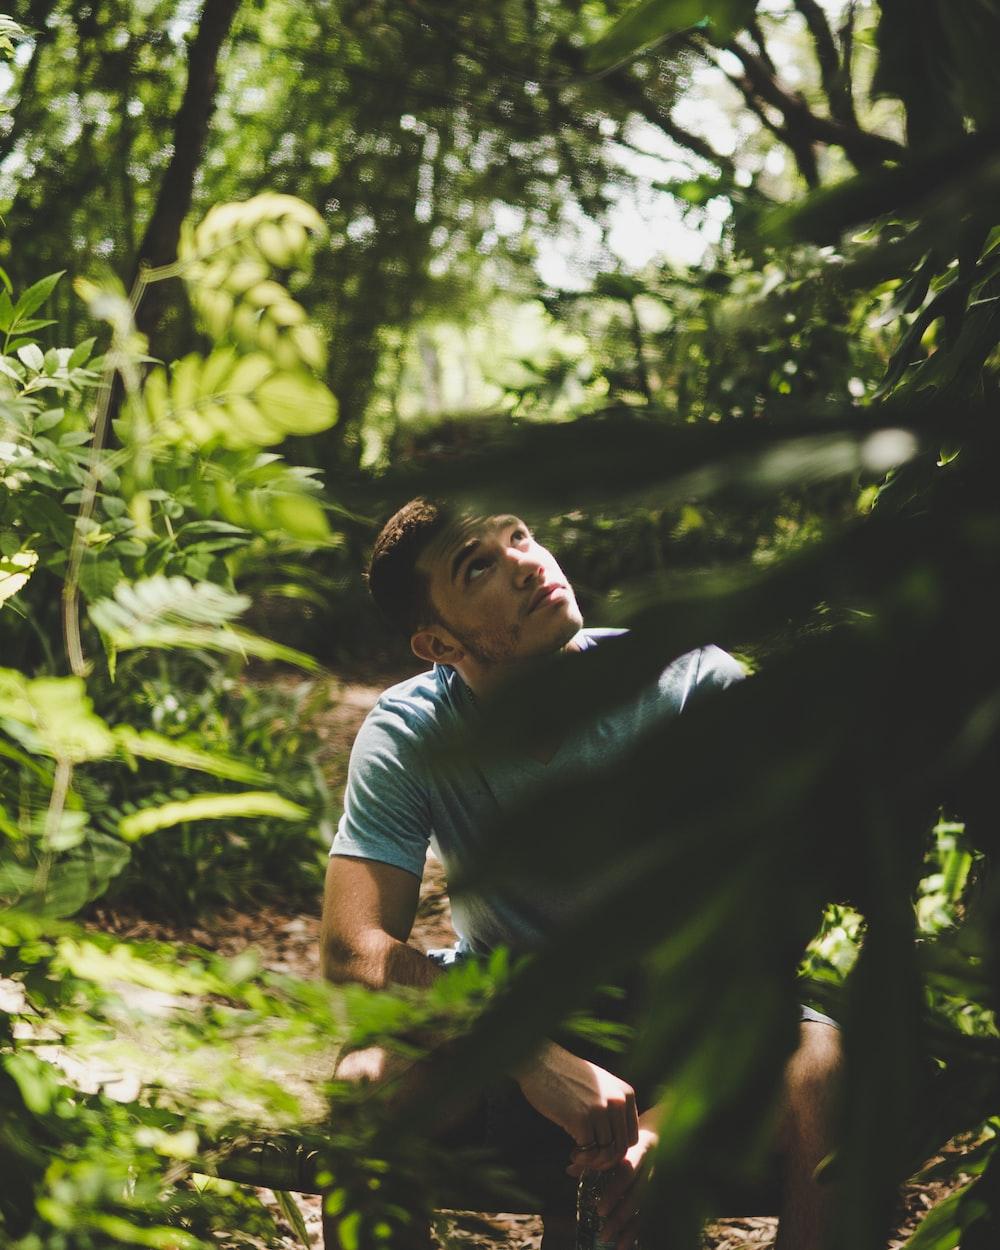 man sitting beside green trees during daytime